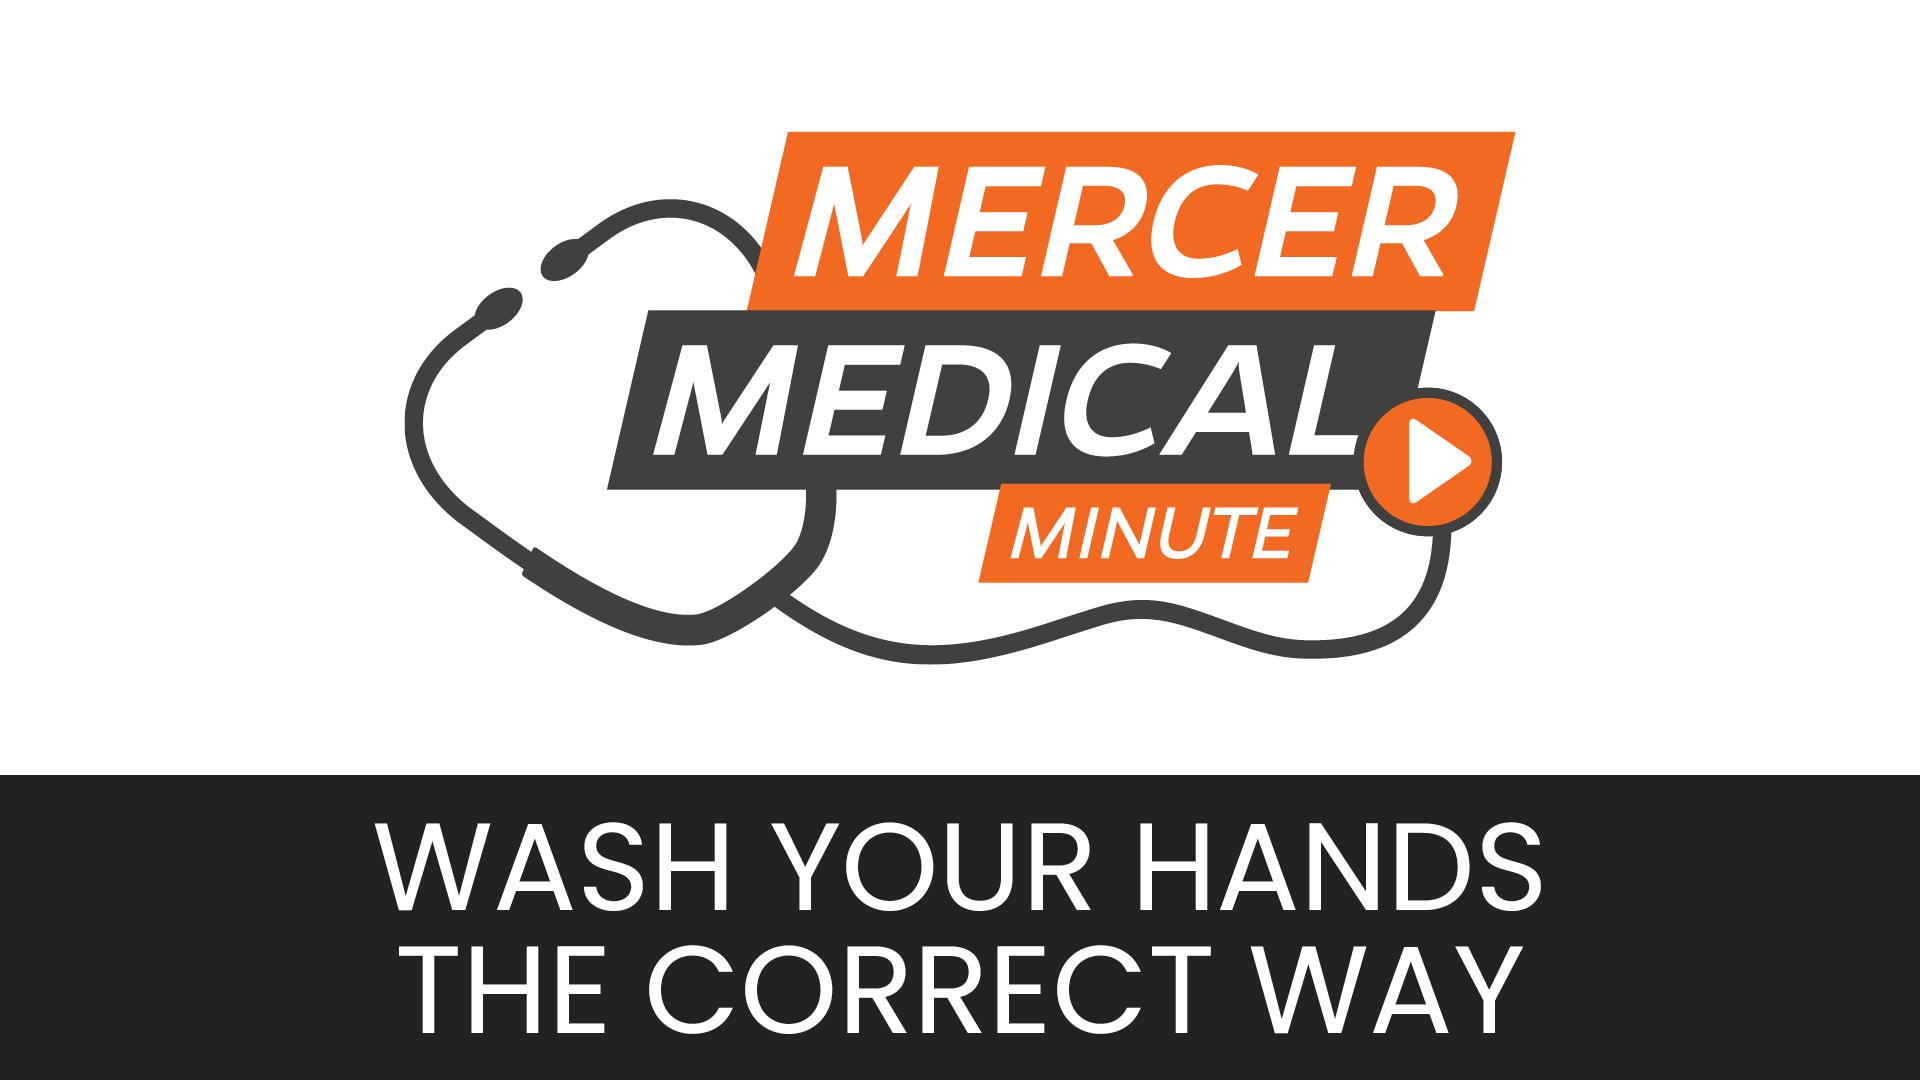 Handwashing Video Thumbnail